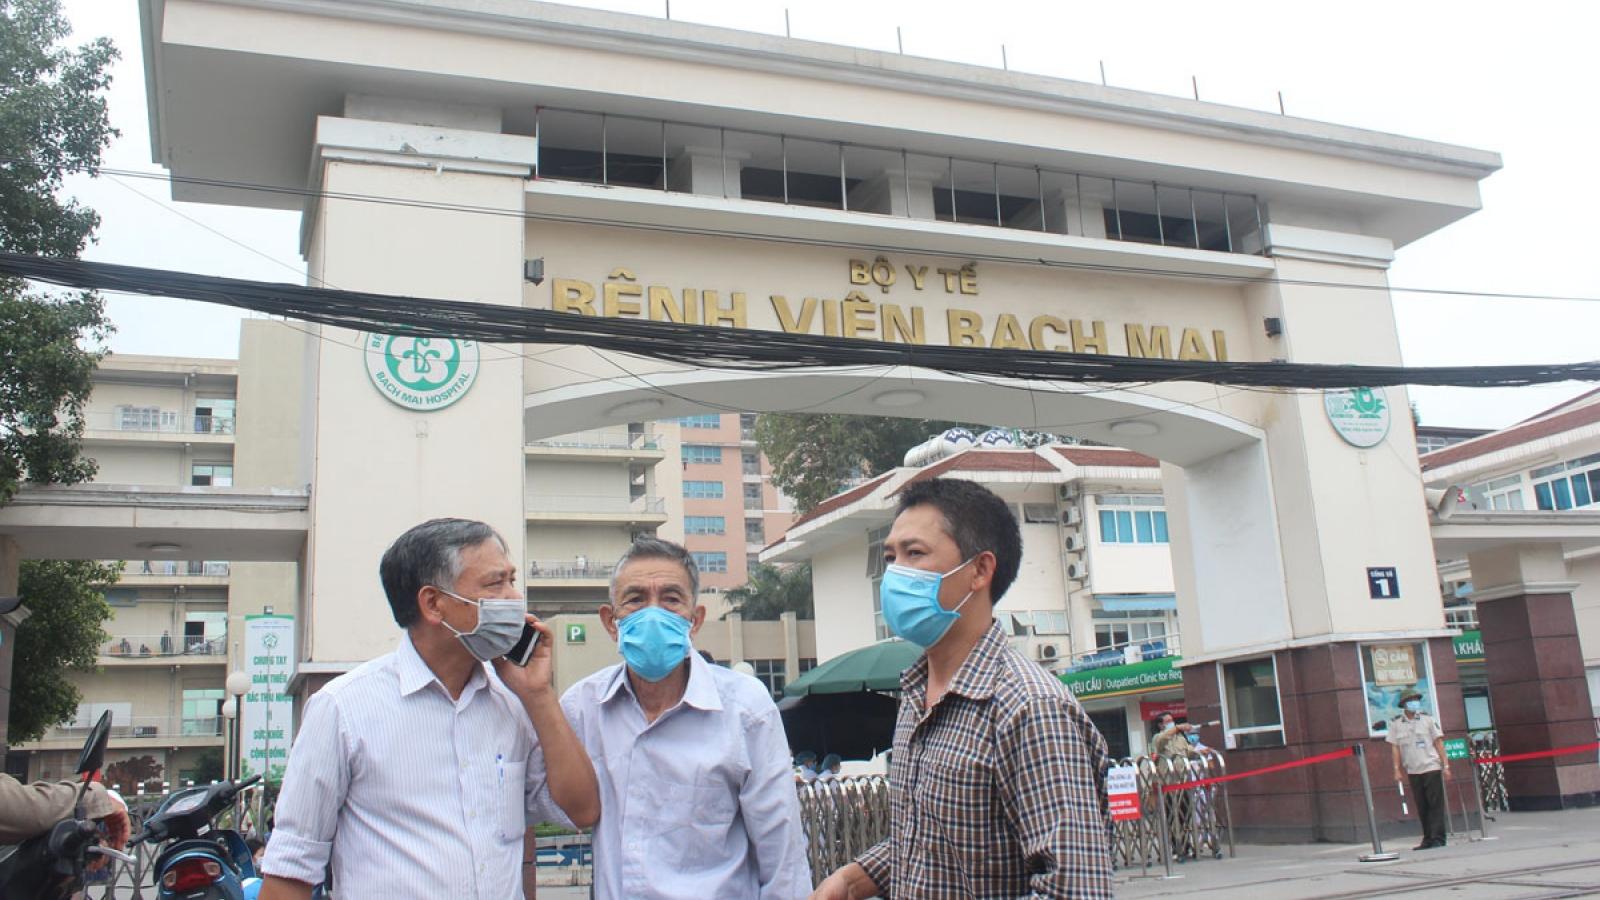 Bác sĩ Bệnh viện Bạch Mai nghỉ việc do áp lực khi tự chủ?